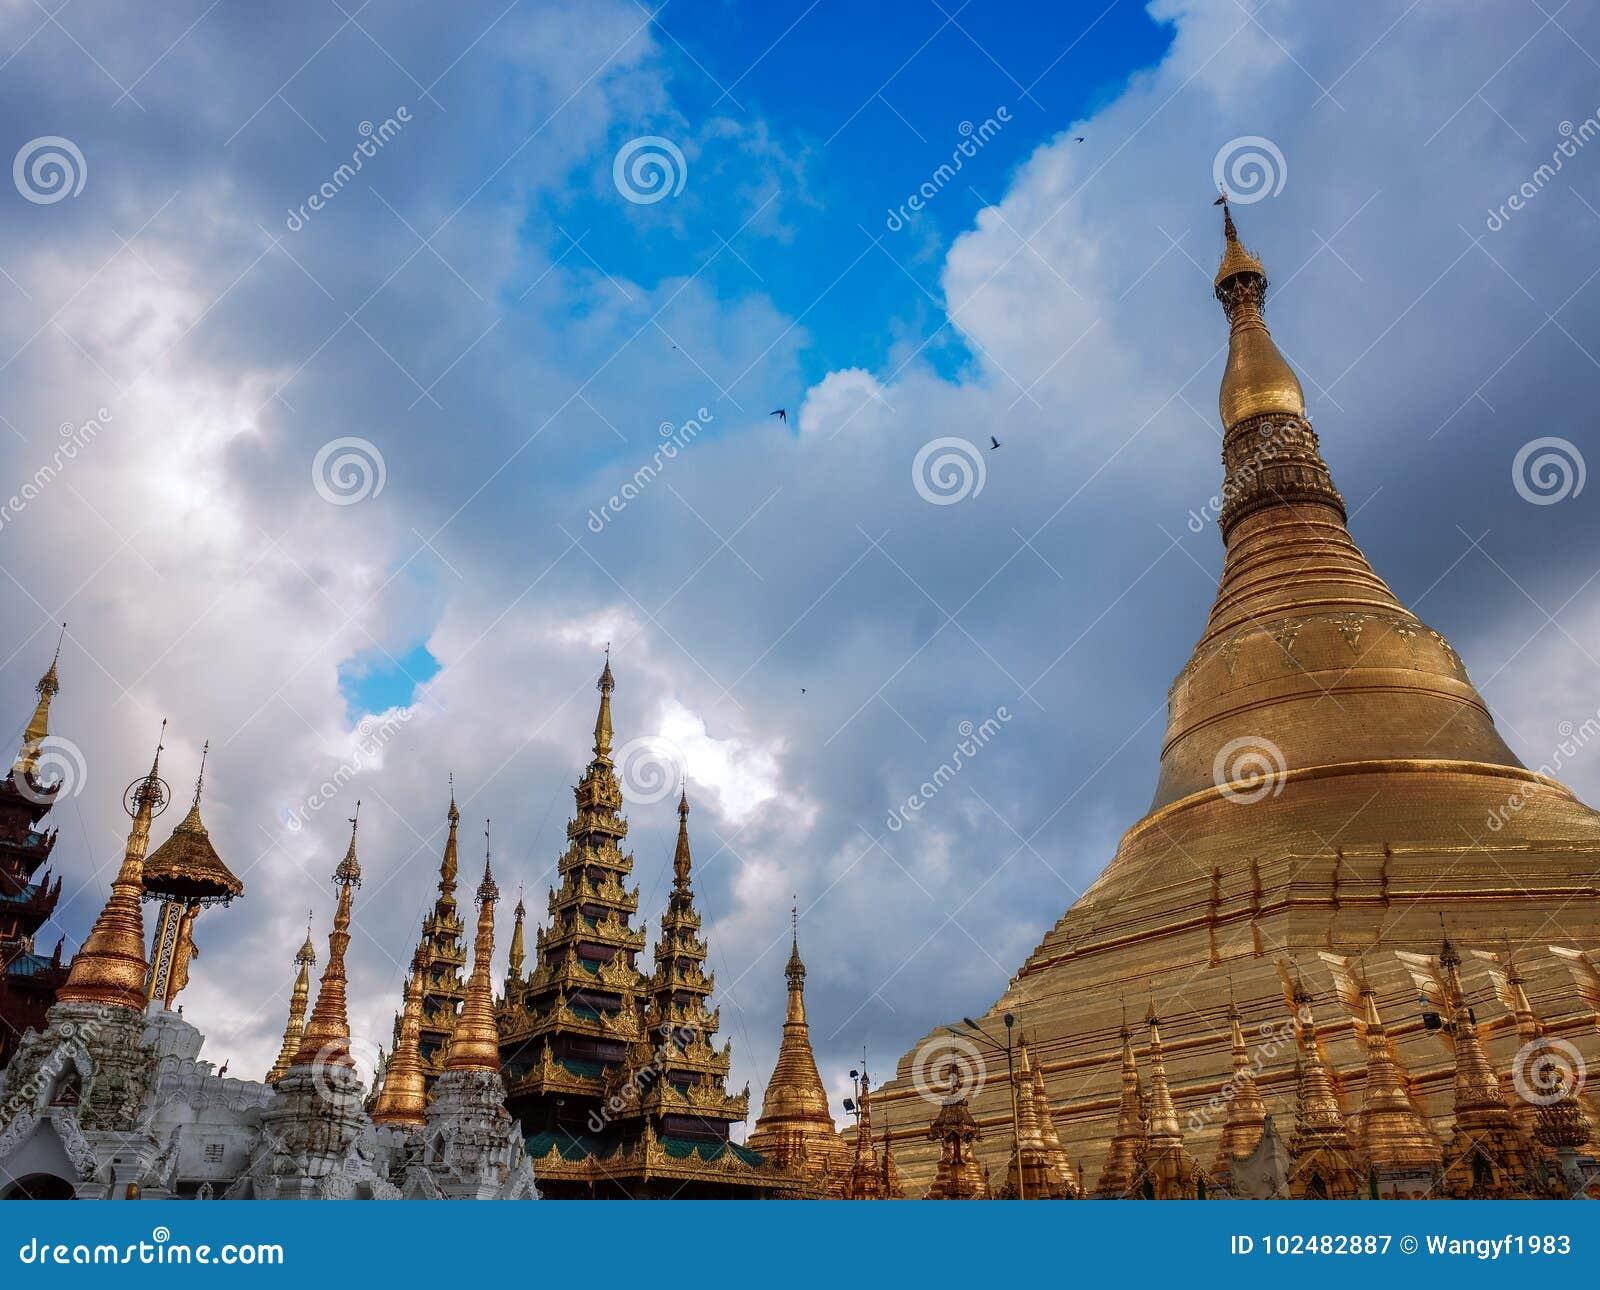 Shwedagon Pagoda-Yangon-Myanmar